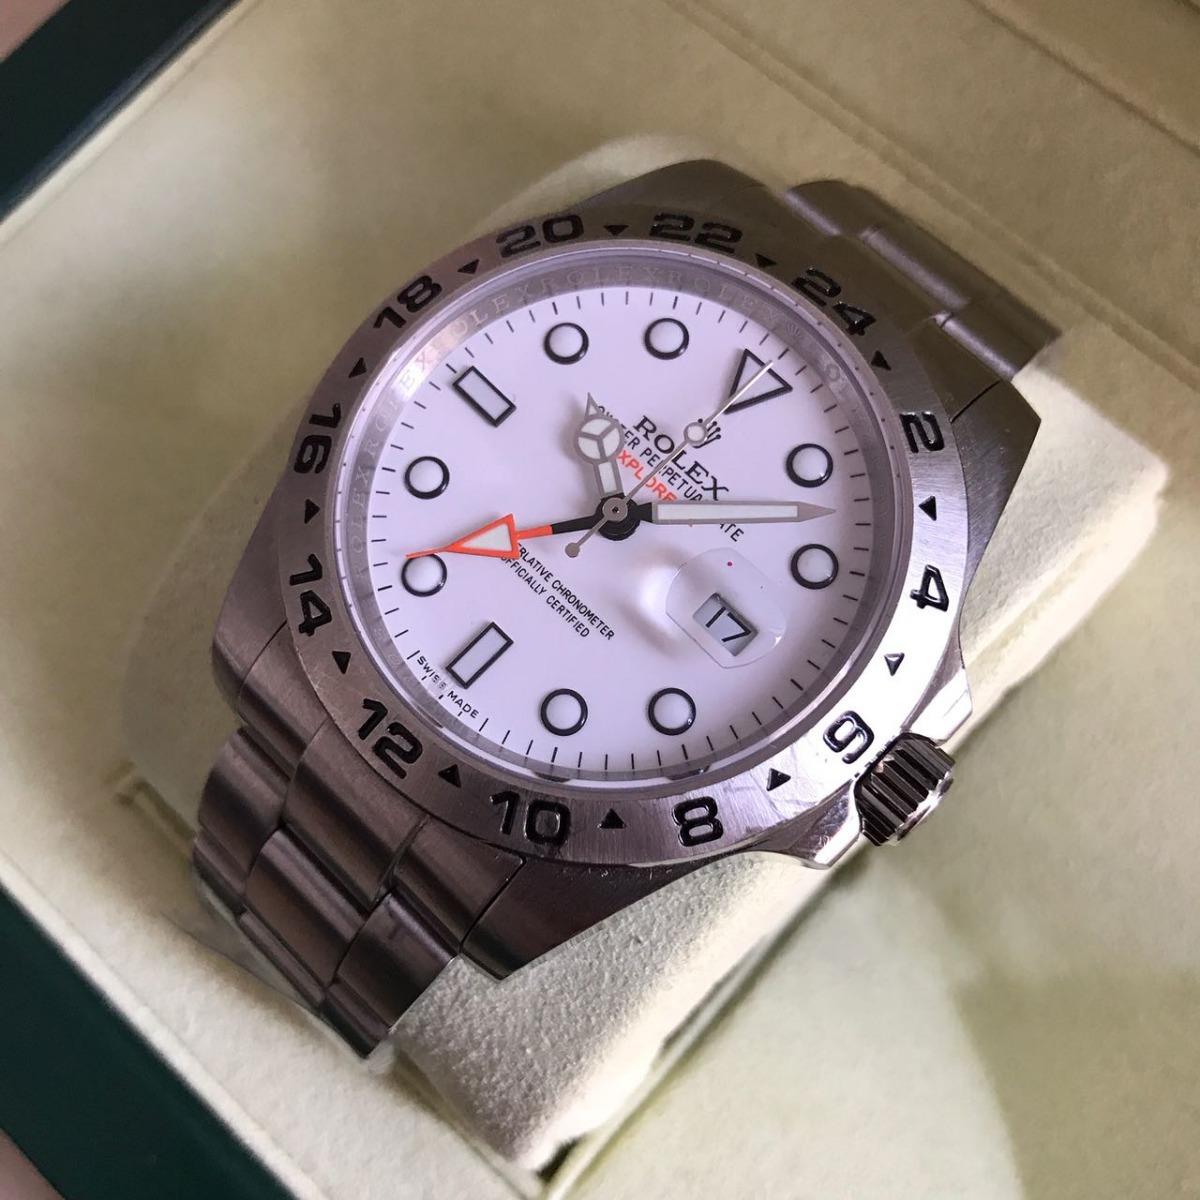 791e7351b83 relógio explorer 2 prata fundo branco aço. Carregando zoom.